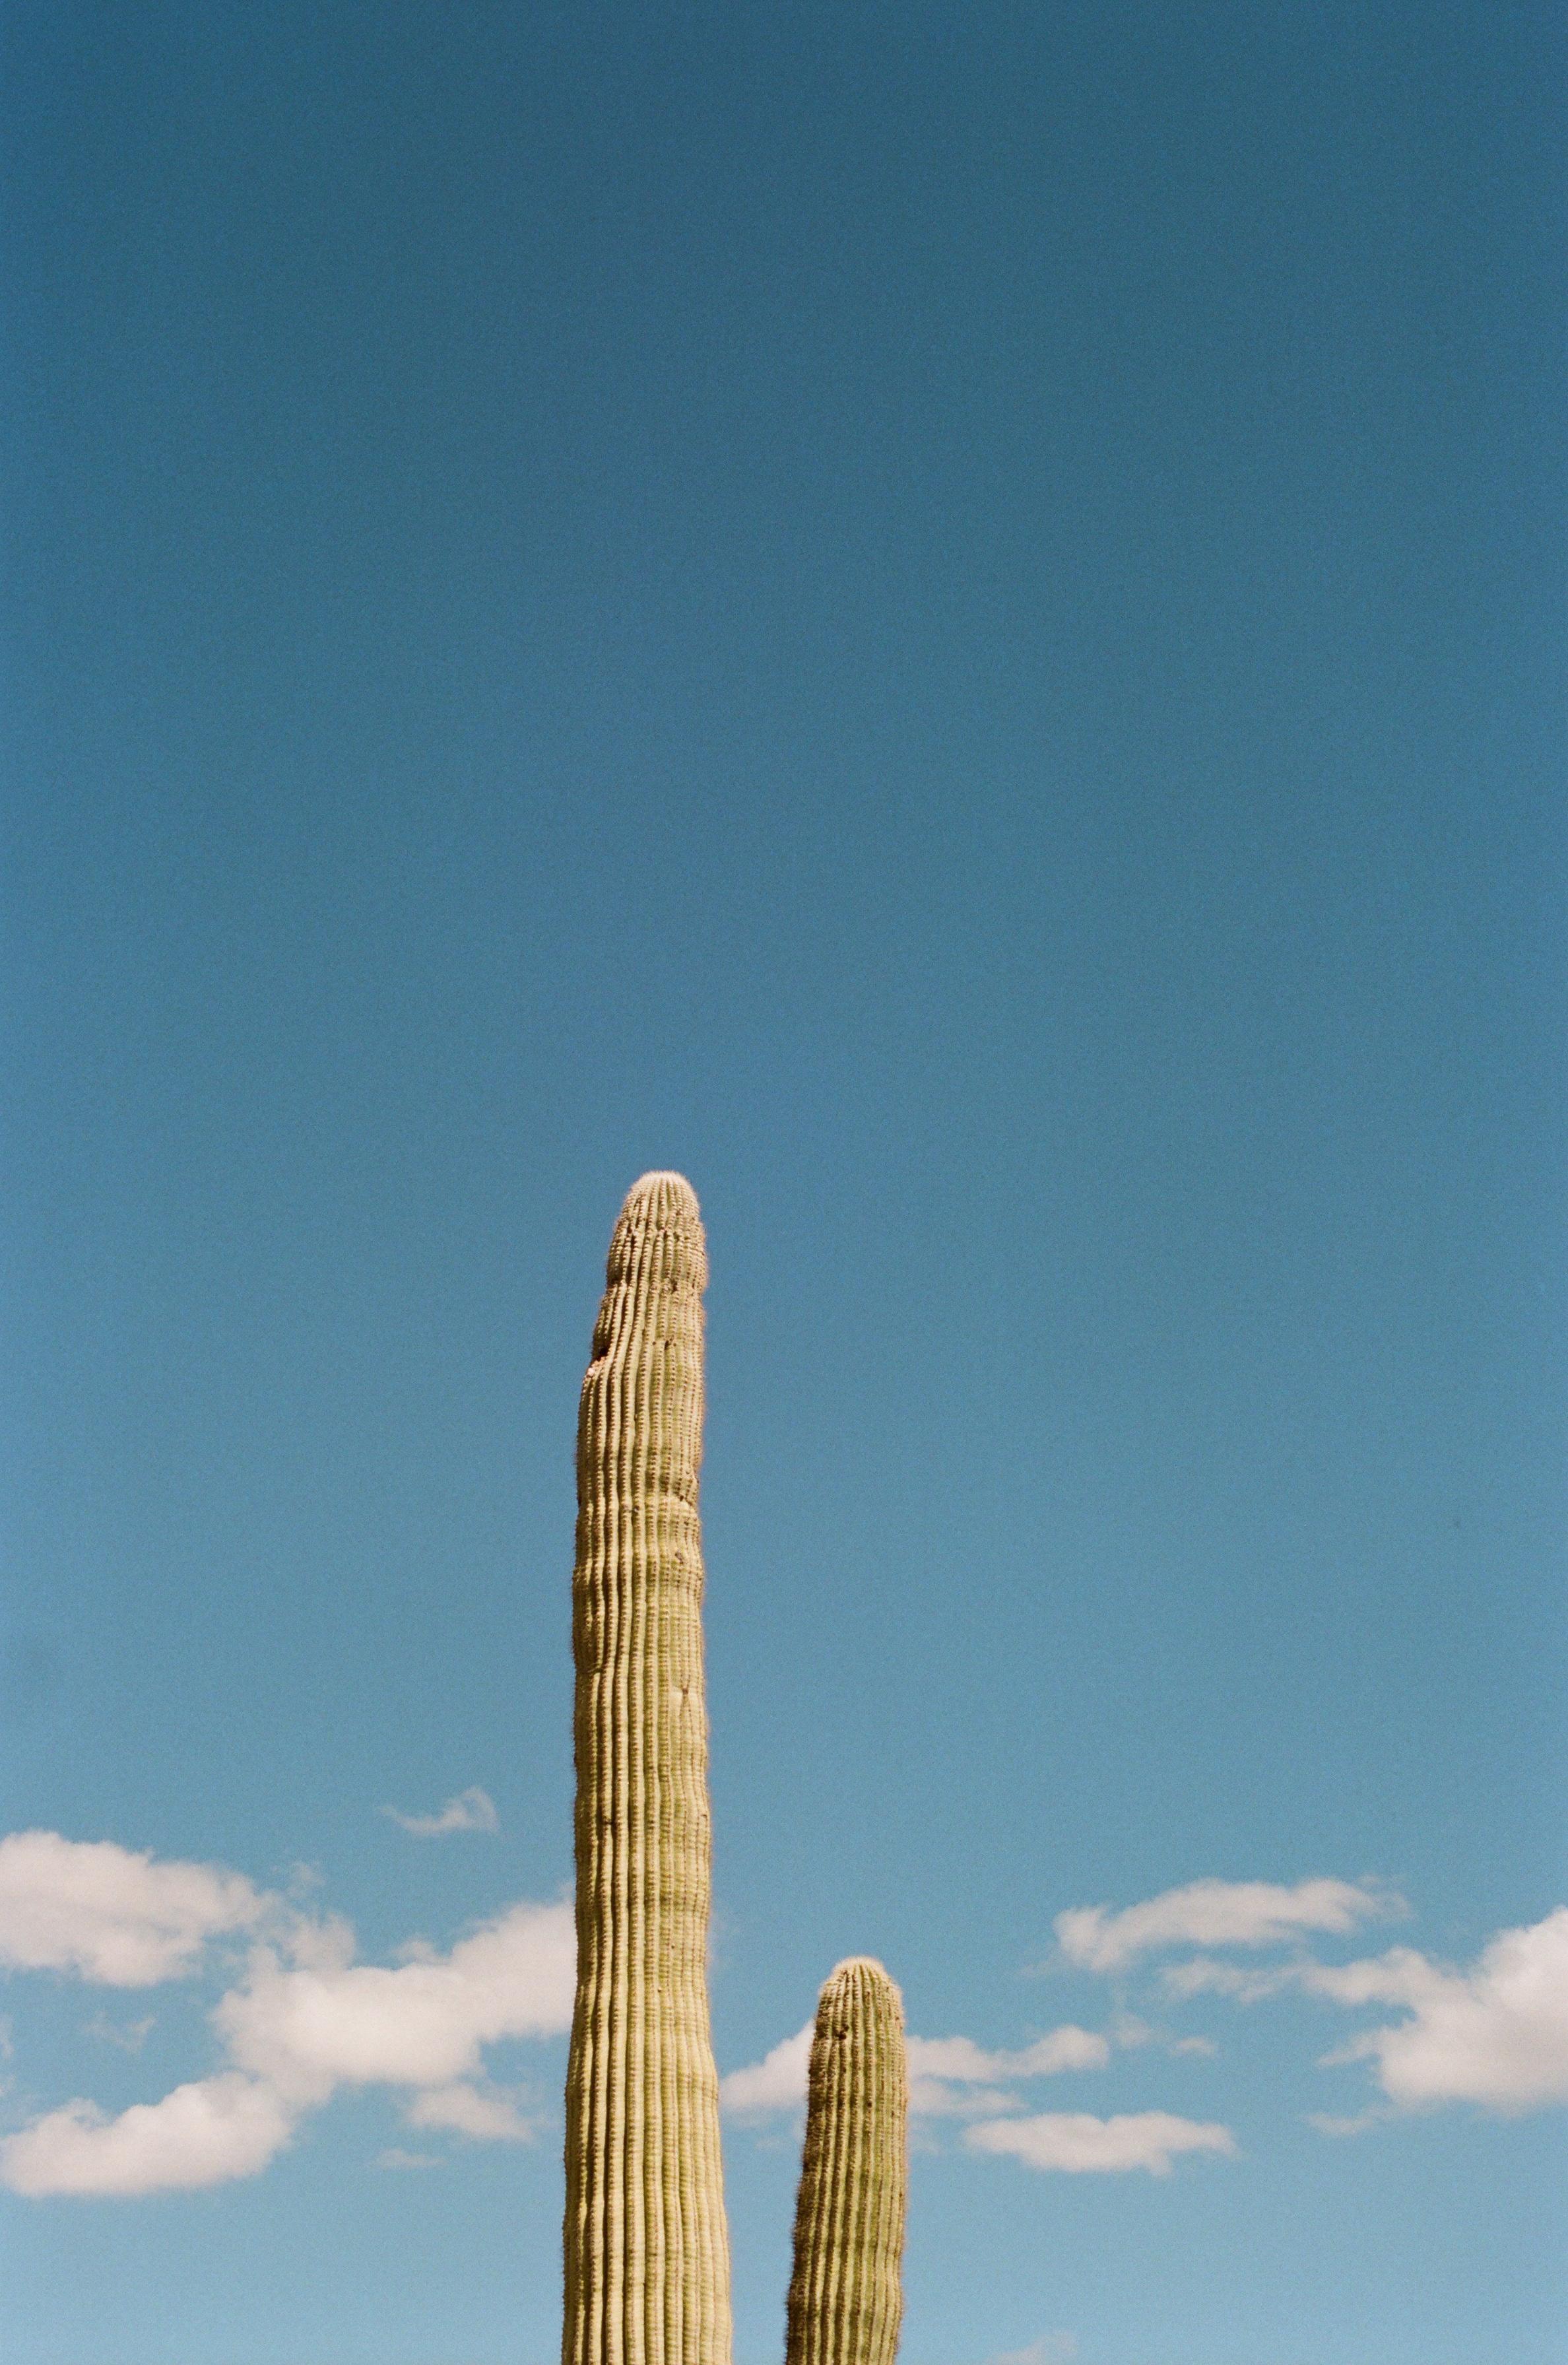 06 - Tucson.JPG